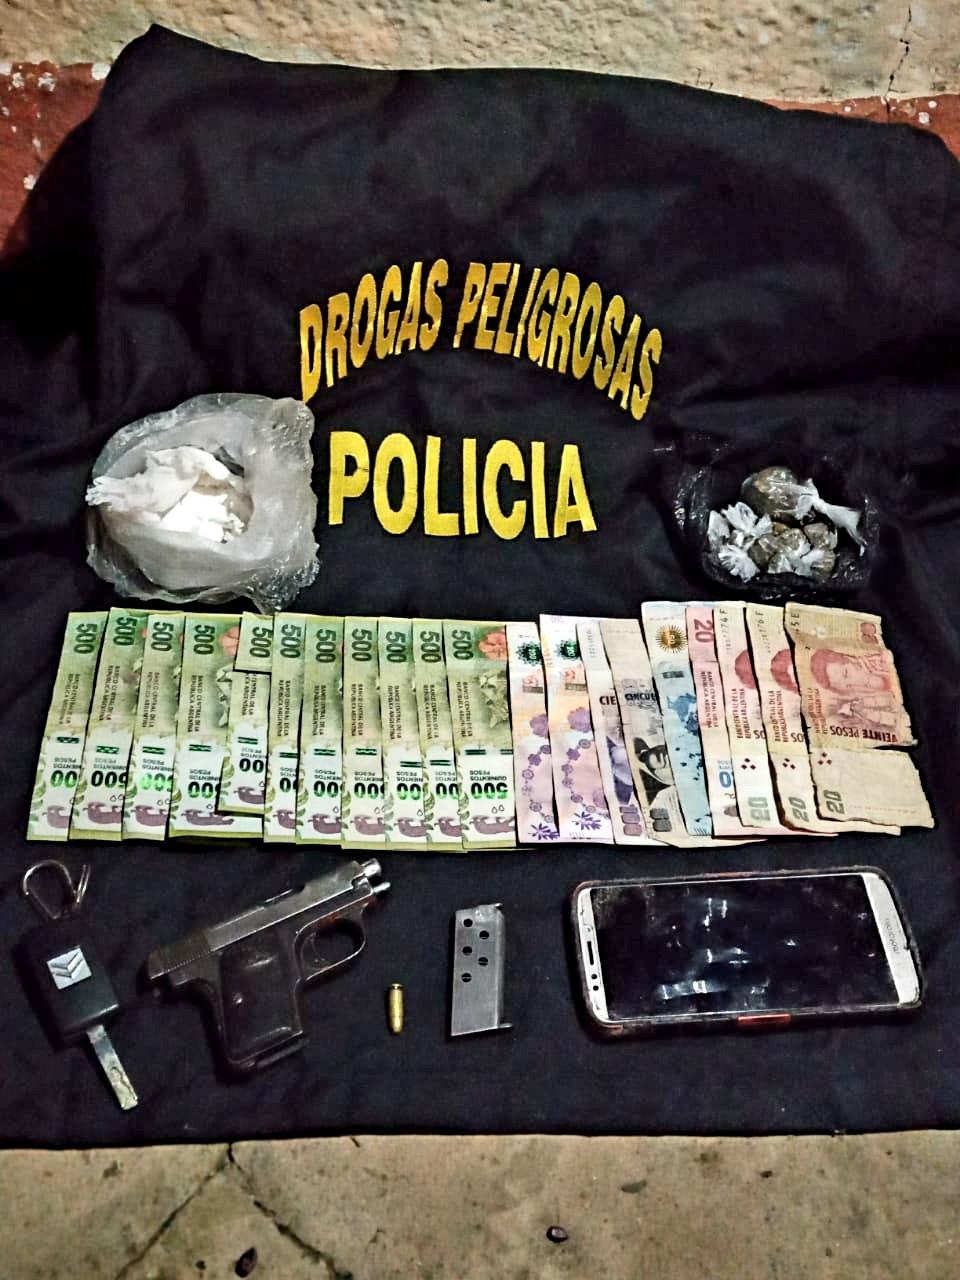 AMENAZO AL PERSONAL POLICIAL CON UN ARMA DE FUEGO Y AL DETENERLO TENIA ENVOLTORIOS CON DROGA